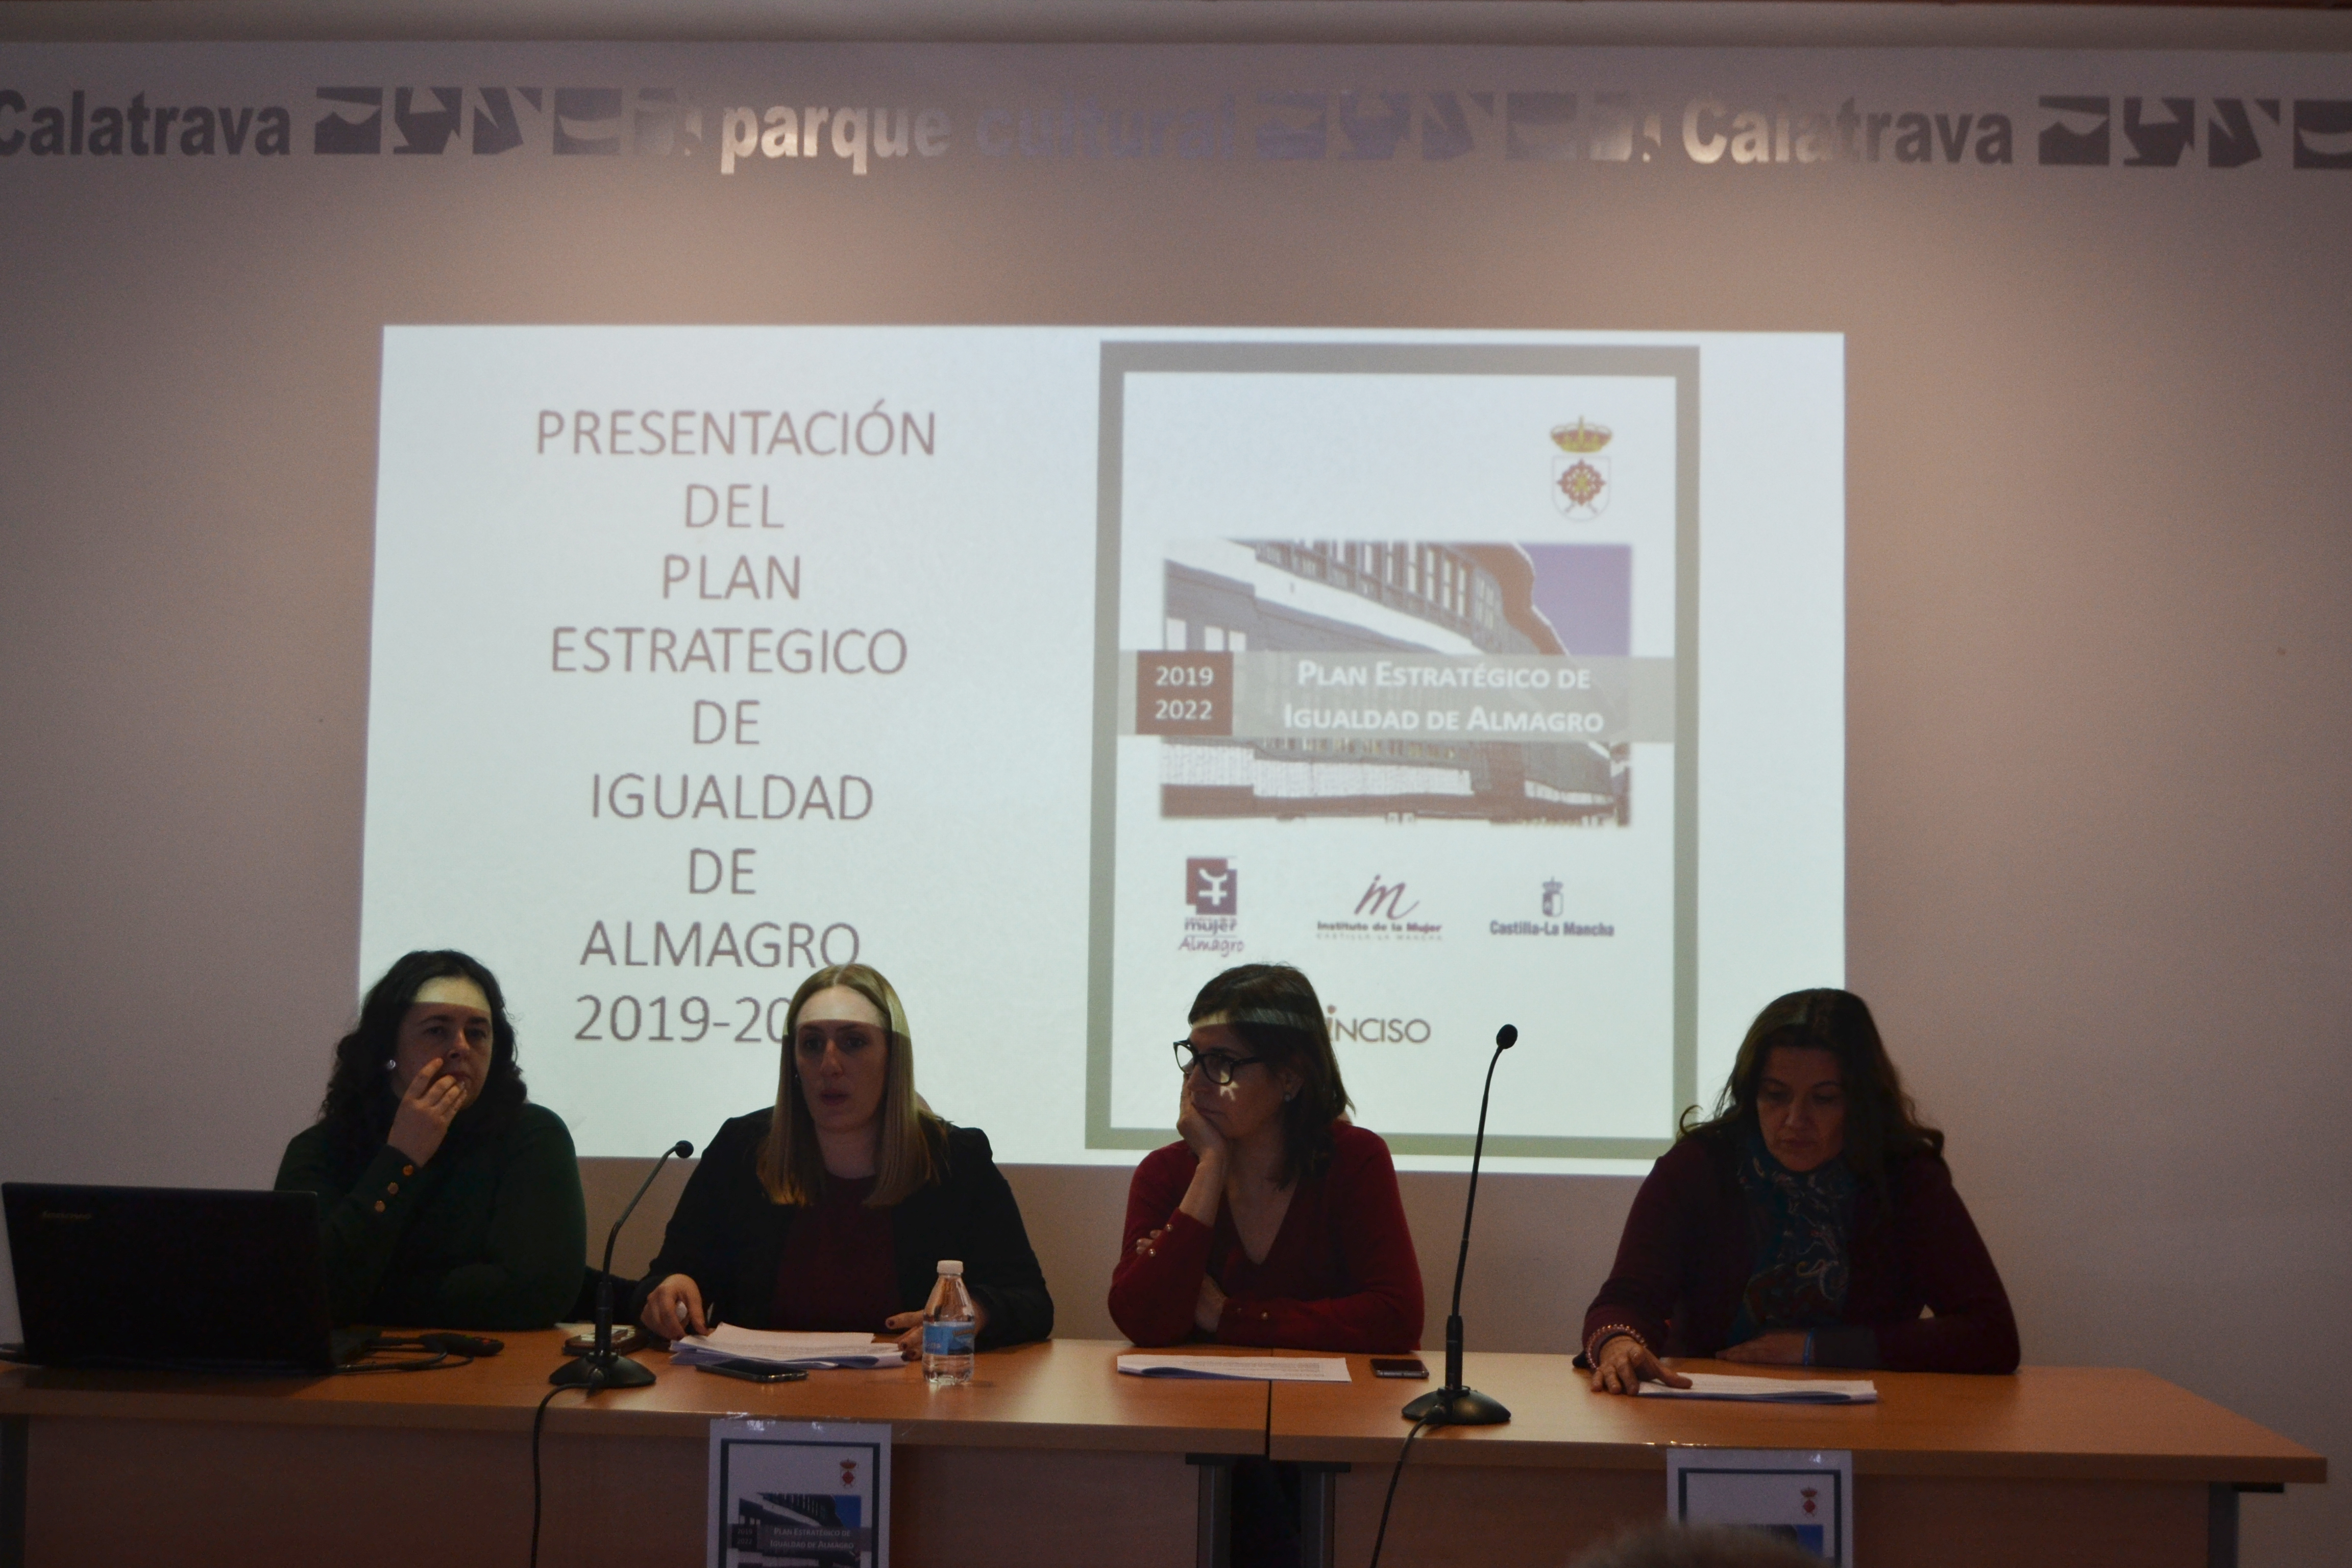 El Ayuntamiento pone en marcha el Plan Estratégico de Igualdad en Almagro